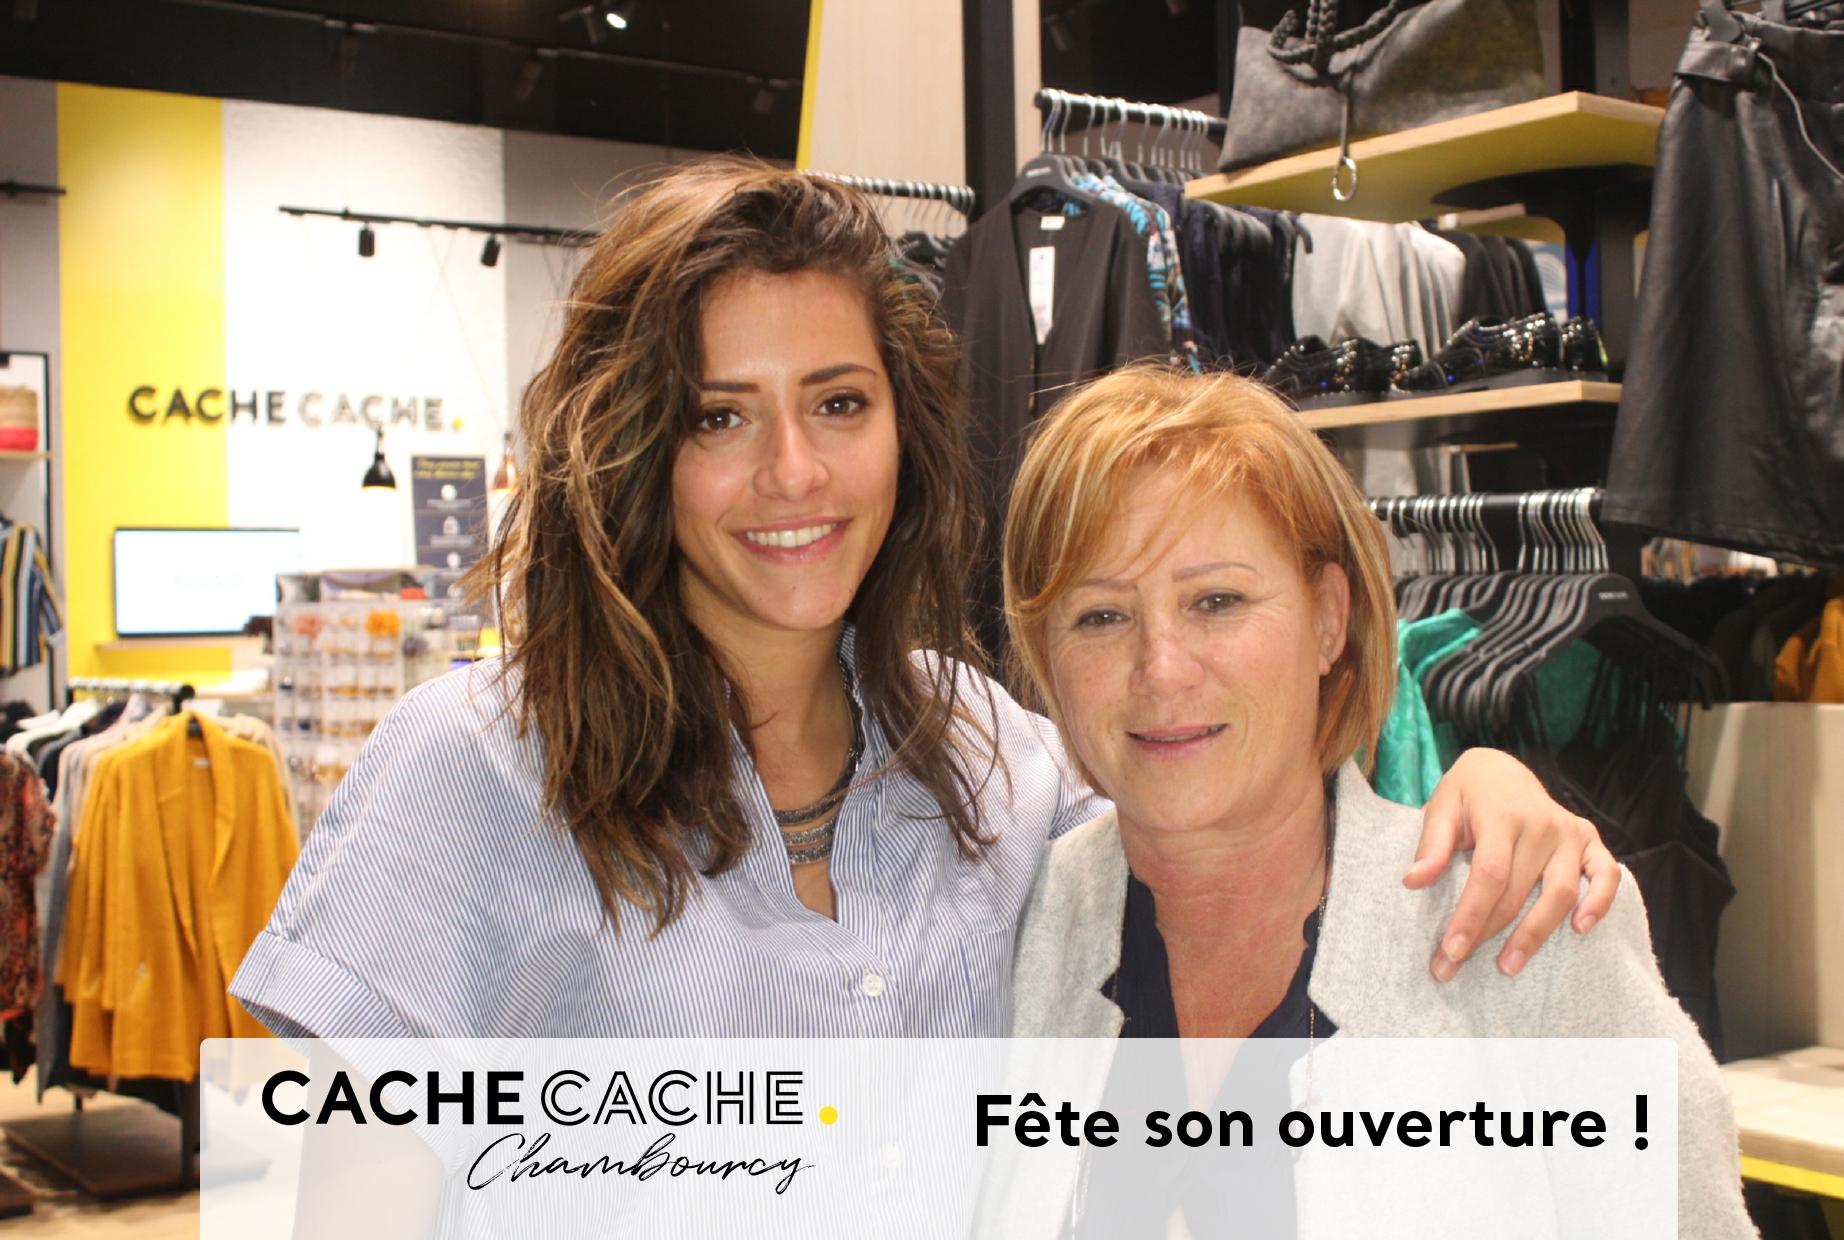 Animation photobooth inauguration magasin Cache Cache Chambourcy dans les Yvelines avec impressions selfies personnalisés pour les clients